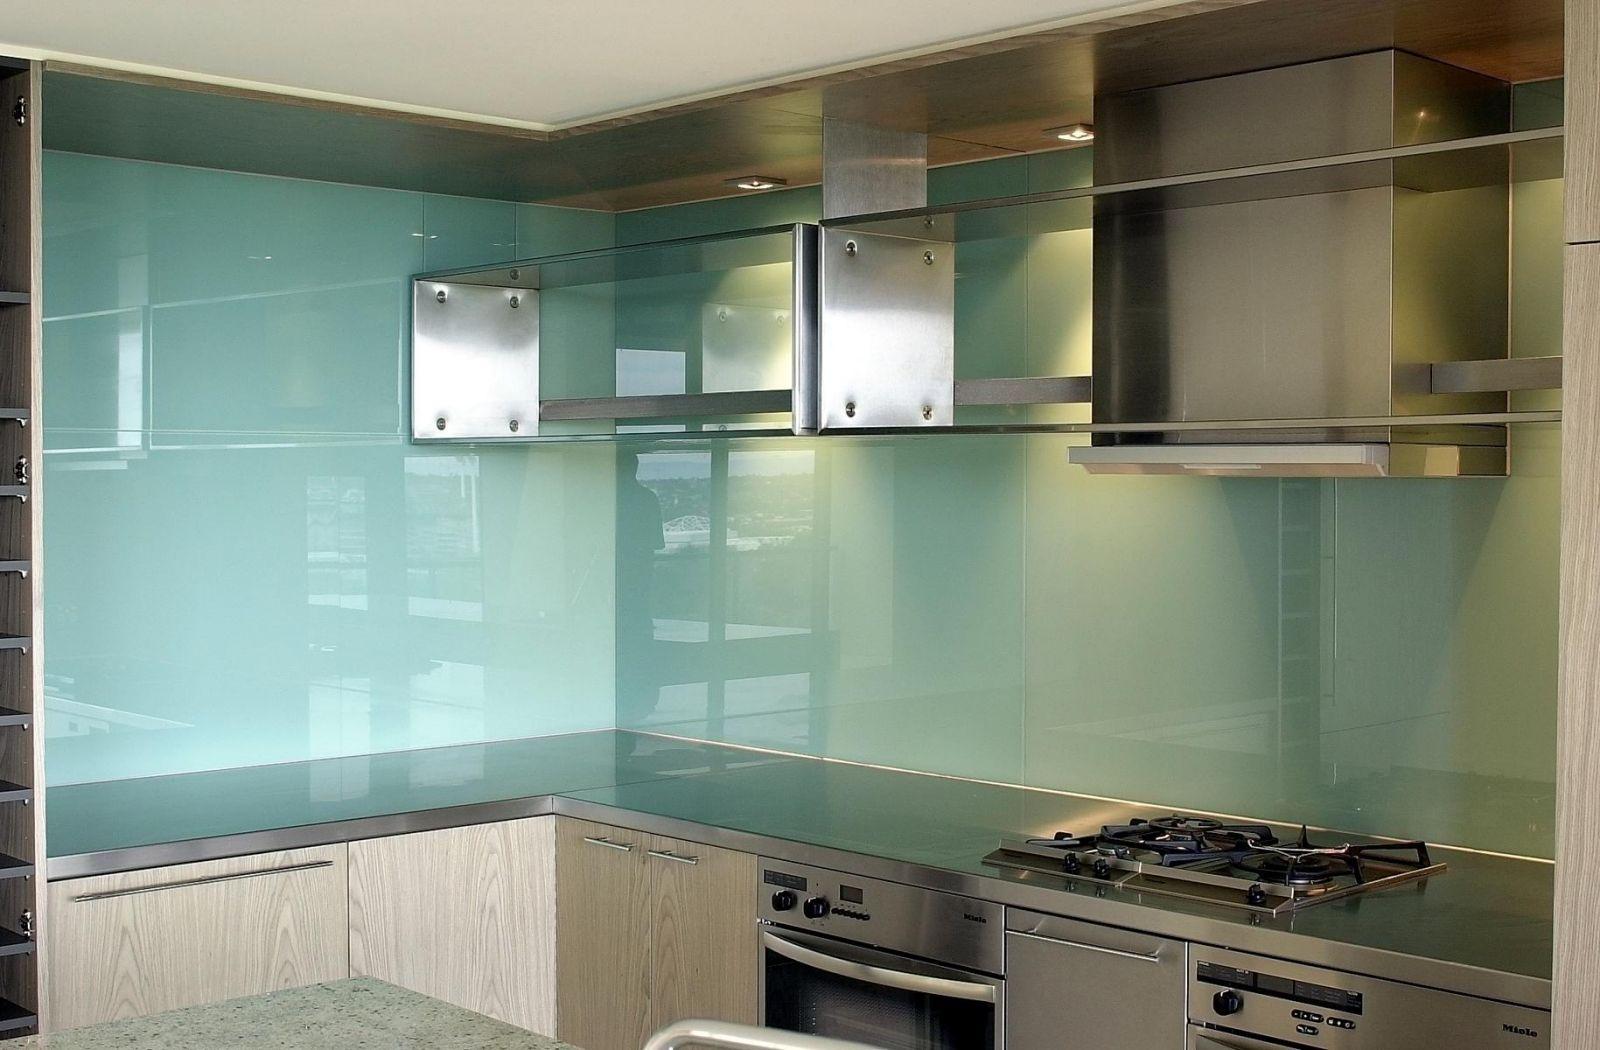 Kính ốp bếp màu trắng xanh mang sự nhẹ nhàng tới không gian